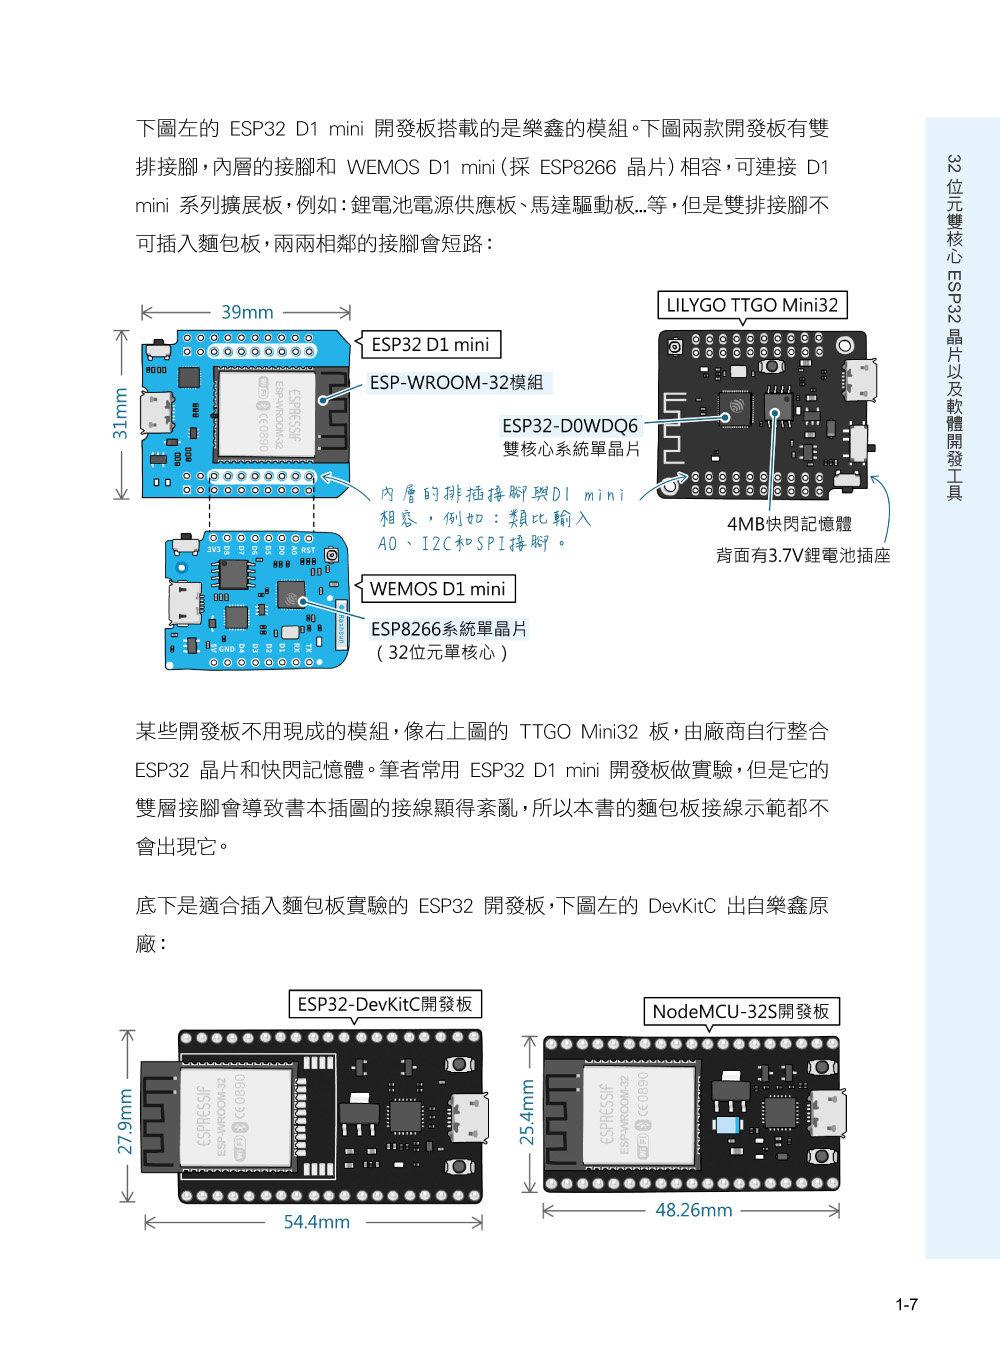 超圖解 ESP32 深度實作-preview-1